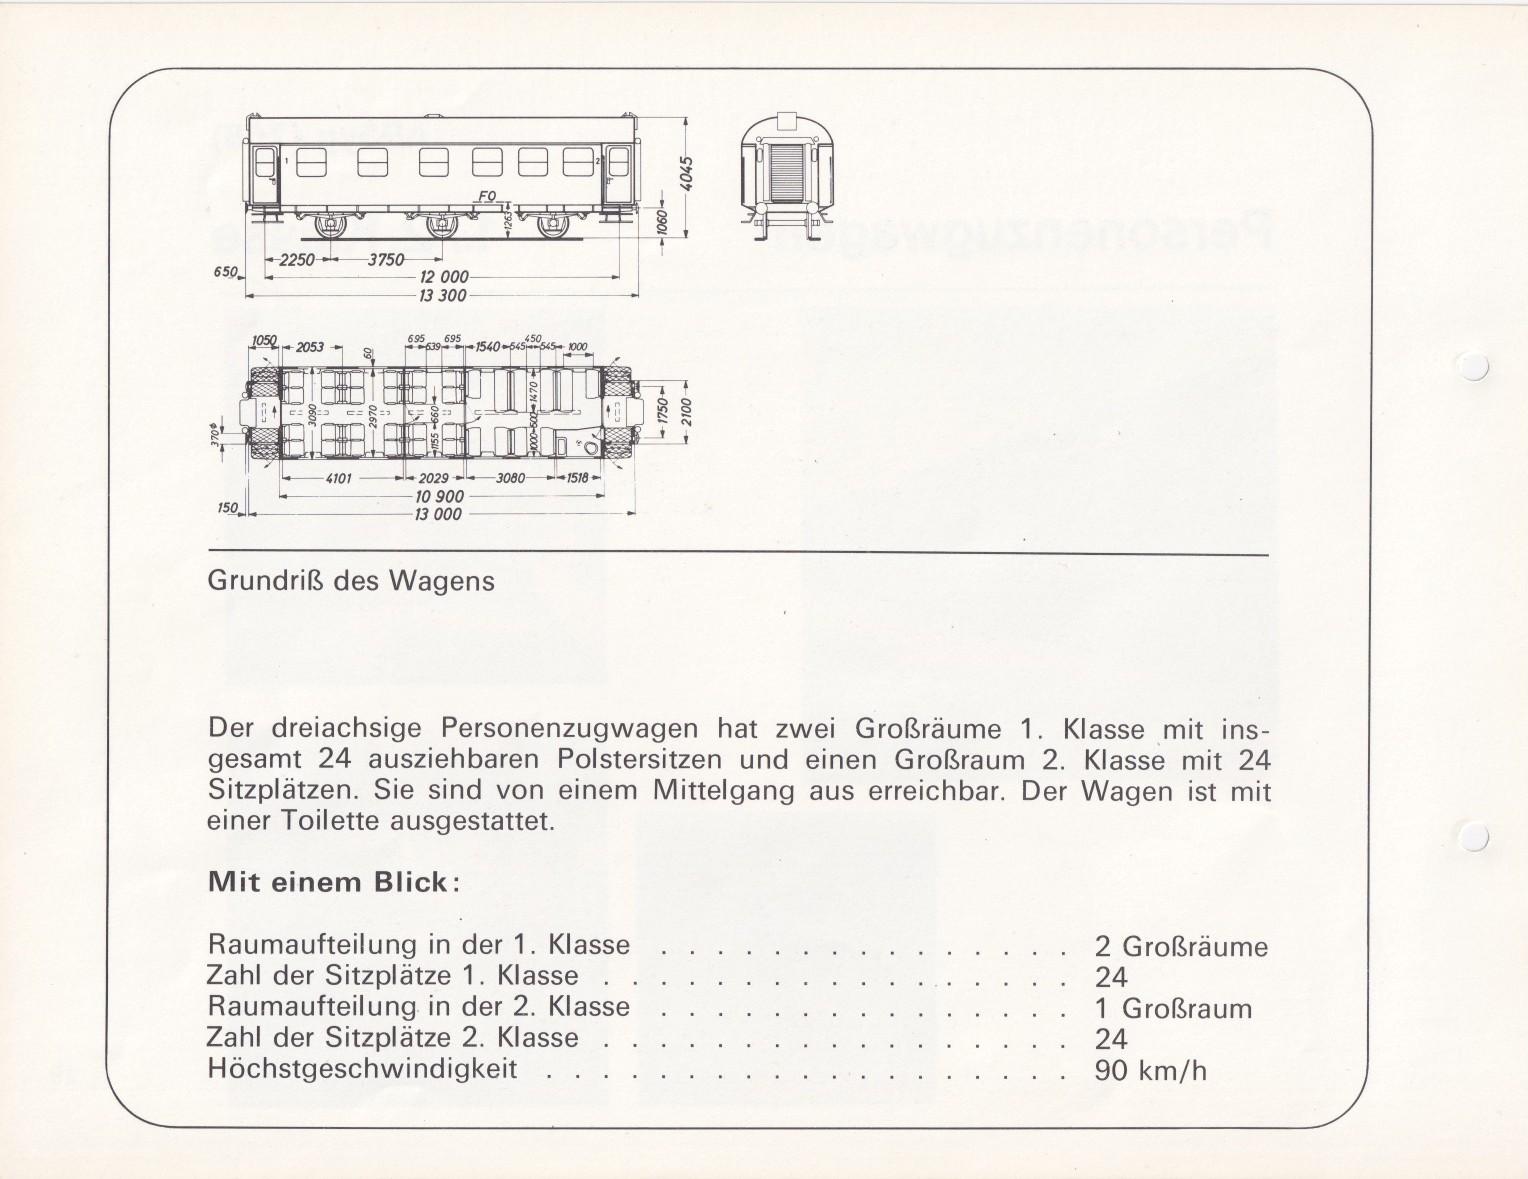 https://www.nullclub.de/hifo/Fahrzeuglexikon/Wagen25b.jpg